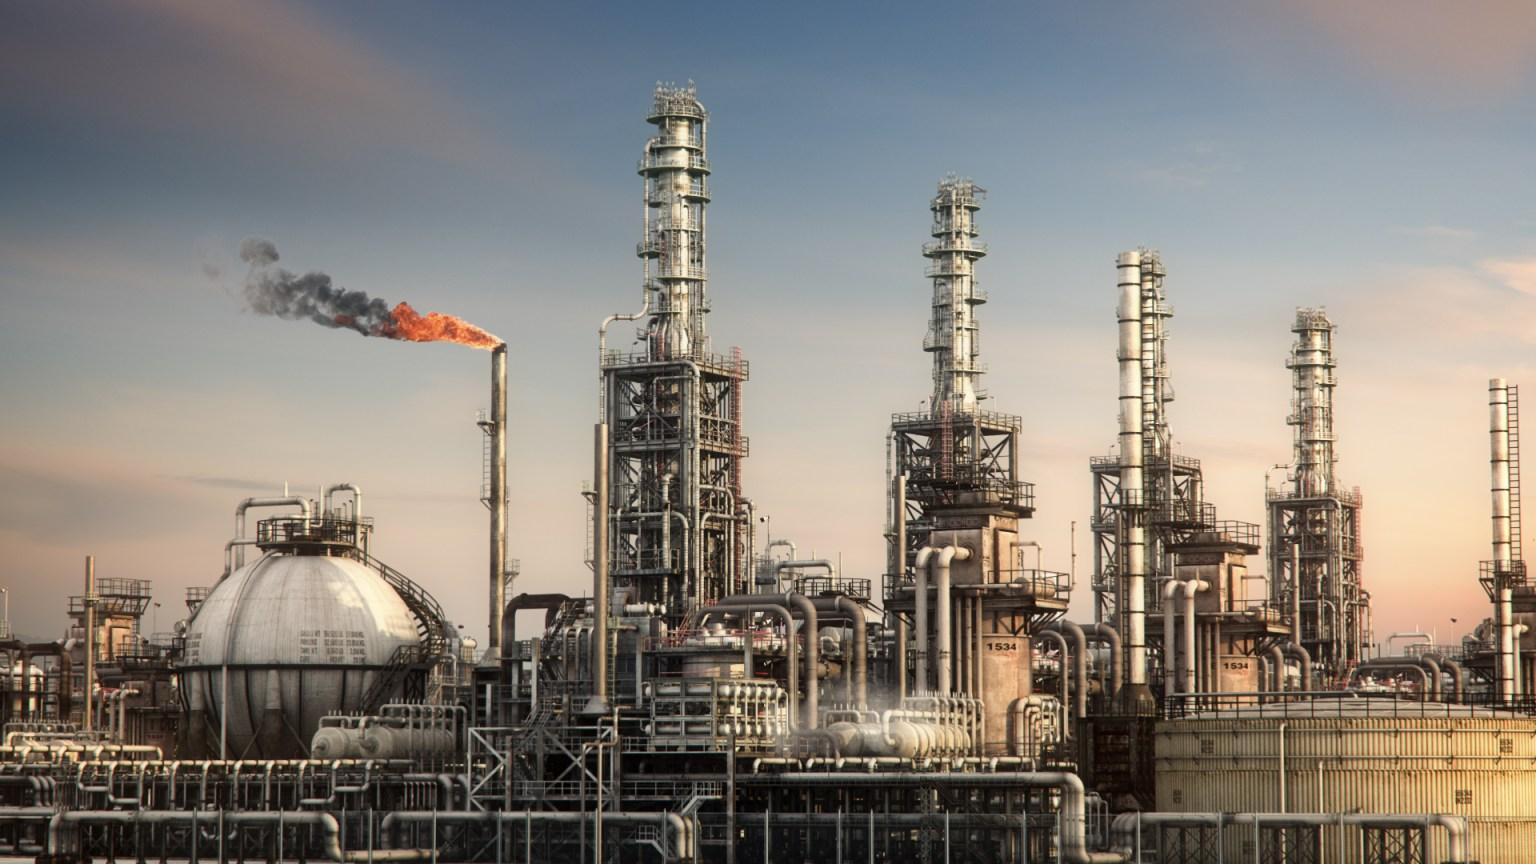 استثمار كويتي لإنشاء مصفاة بترول ثانية و مجمع بتروكيماويات في معان بكلفة 8 مليار دولار